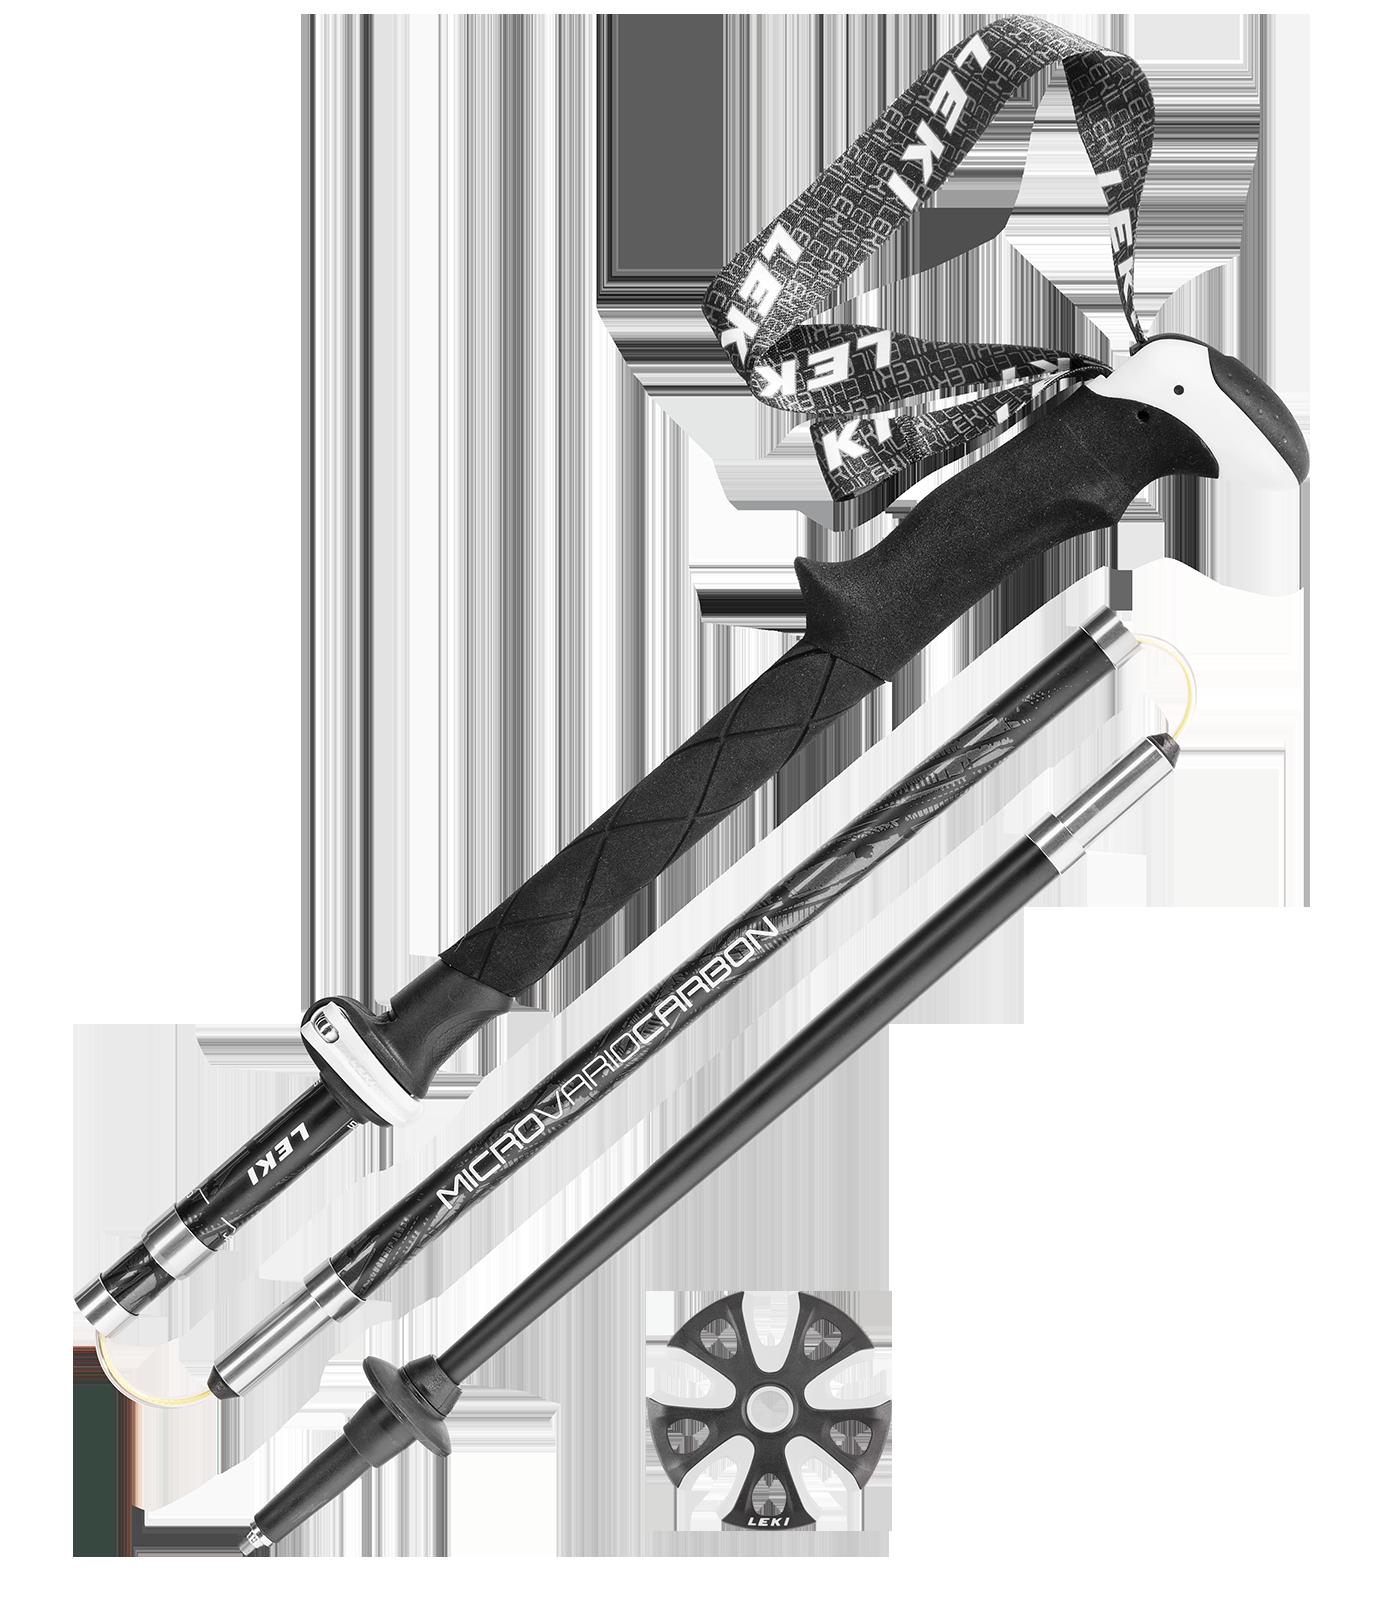 Leki Micro Vario Carbon strong ski poles, 2017